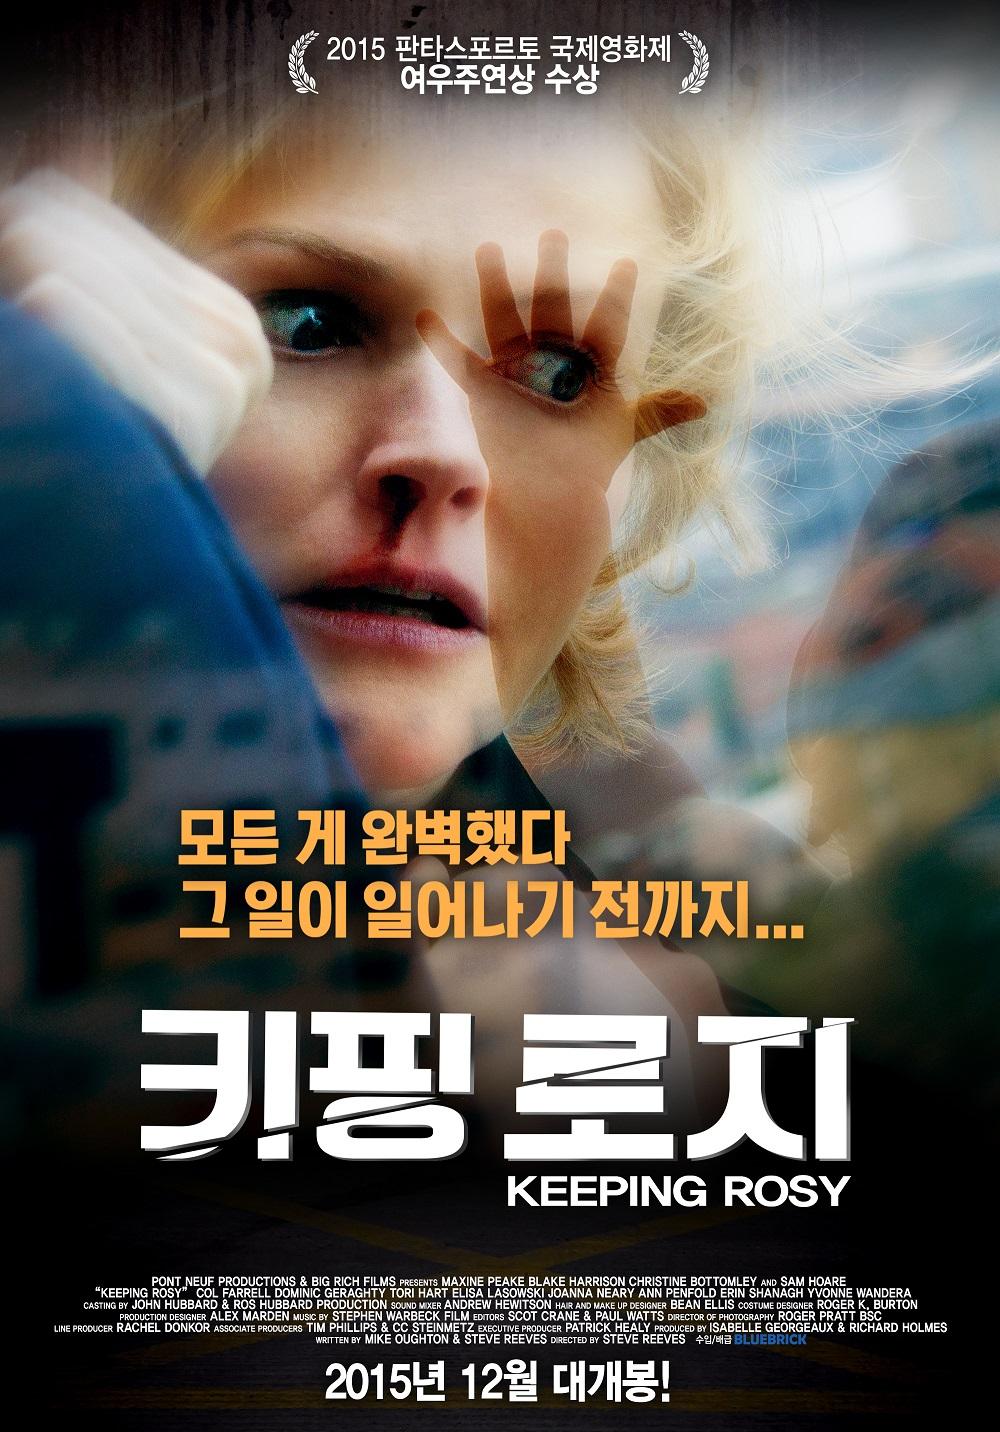 키핑 로지 (Keeping Rosy, 2014)